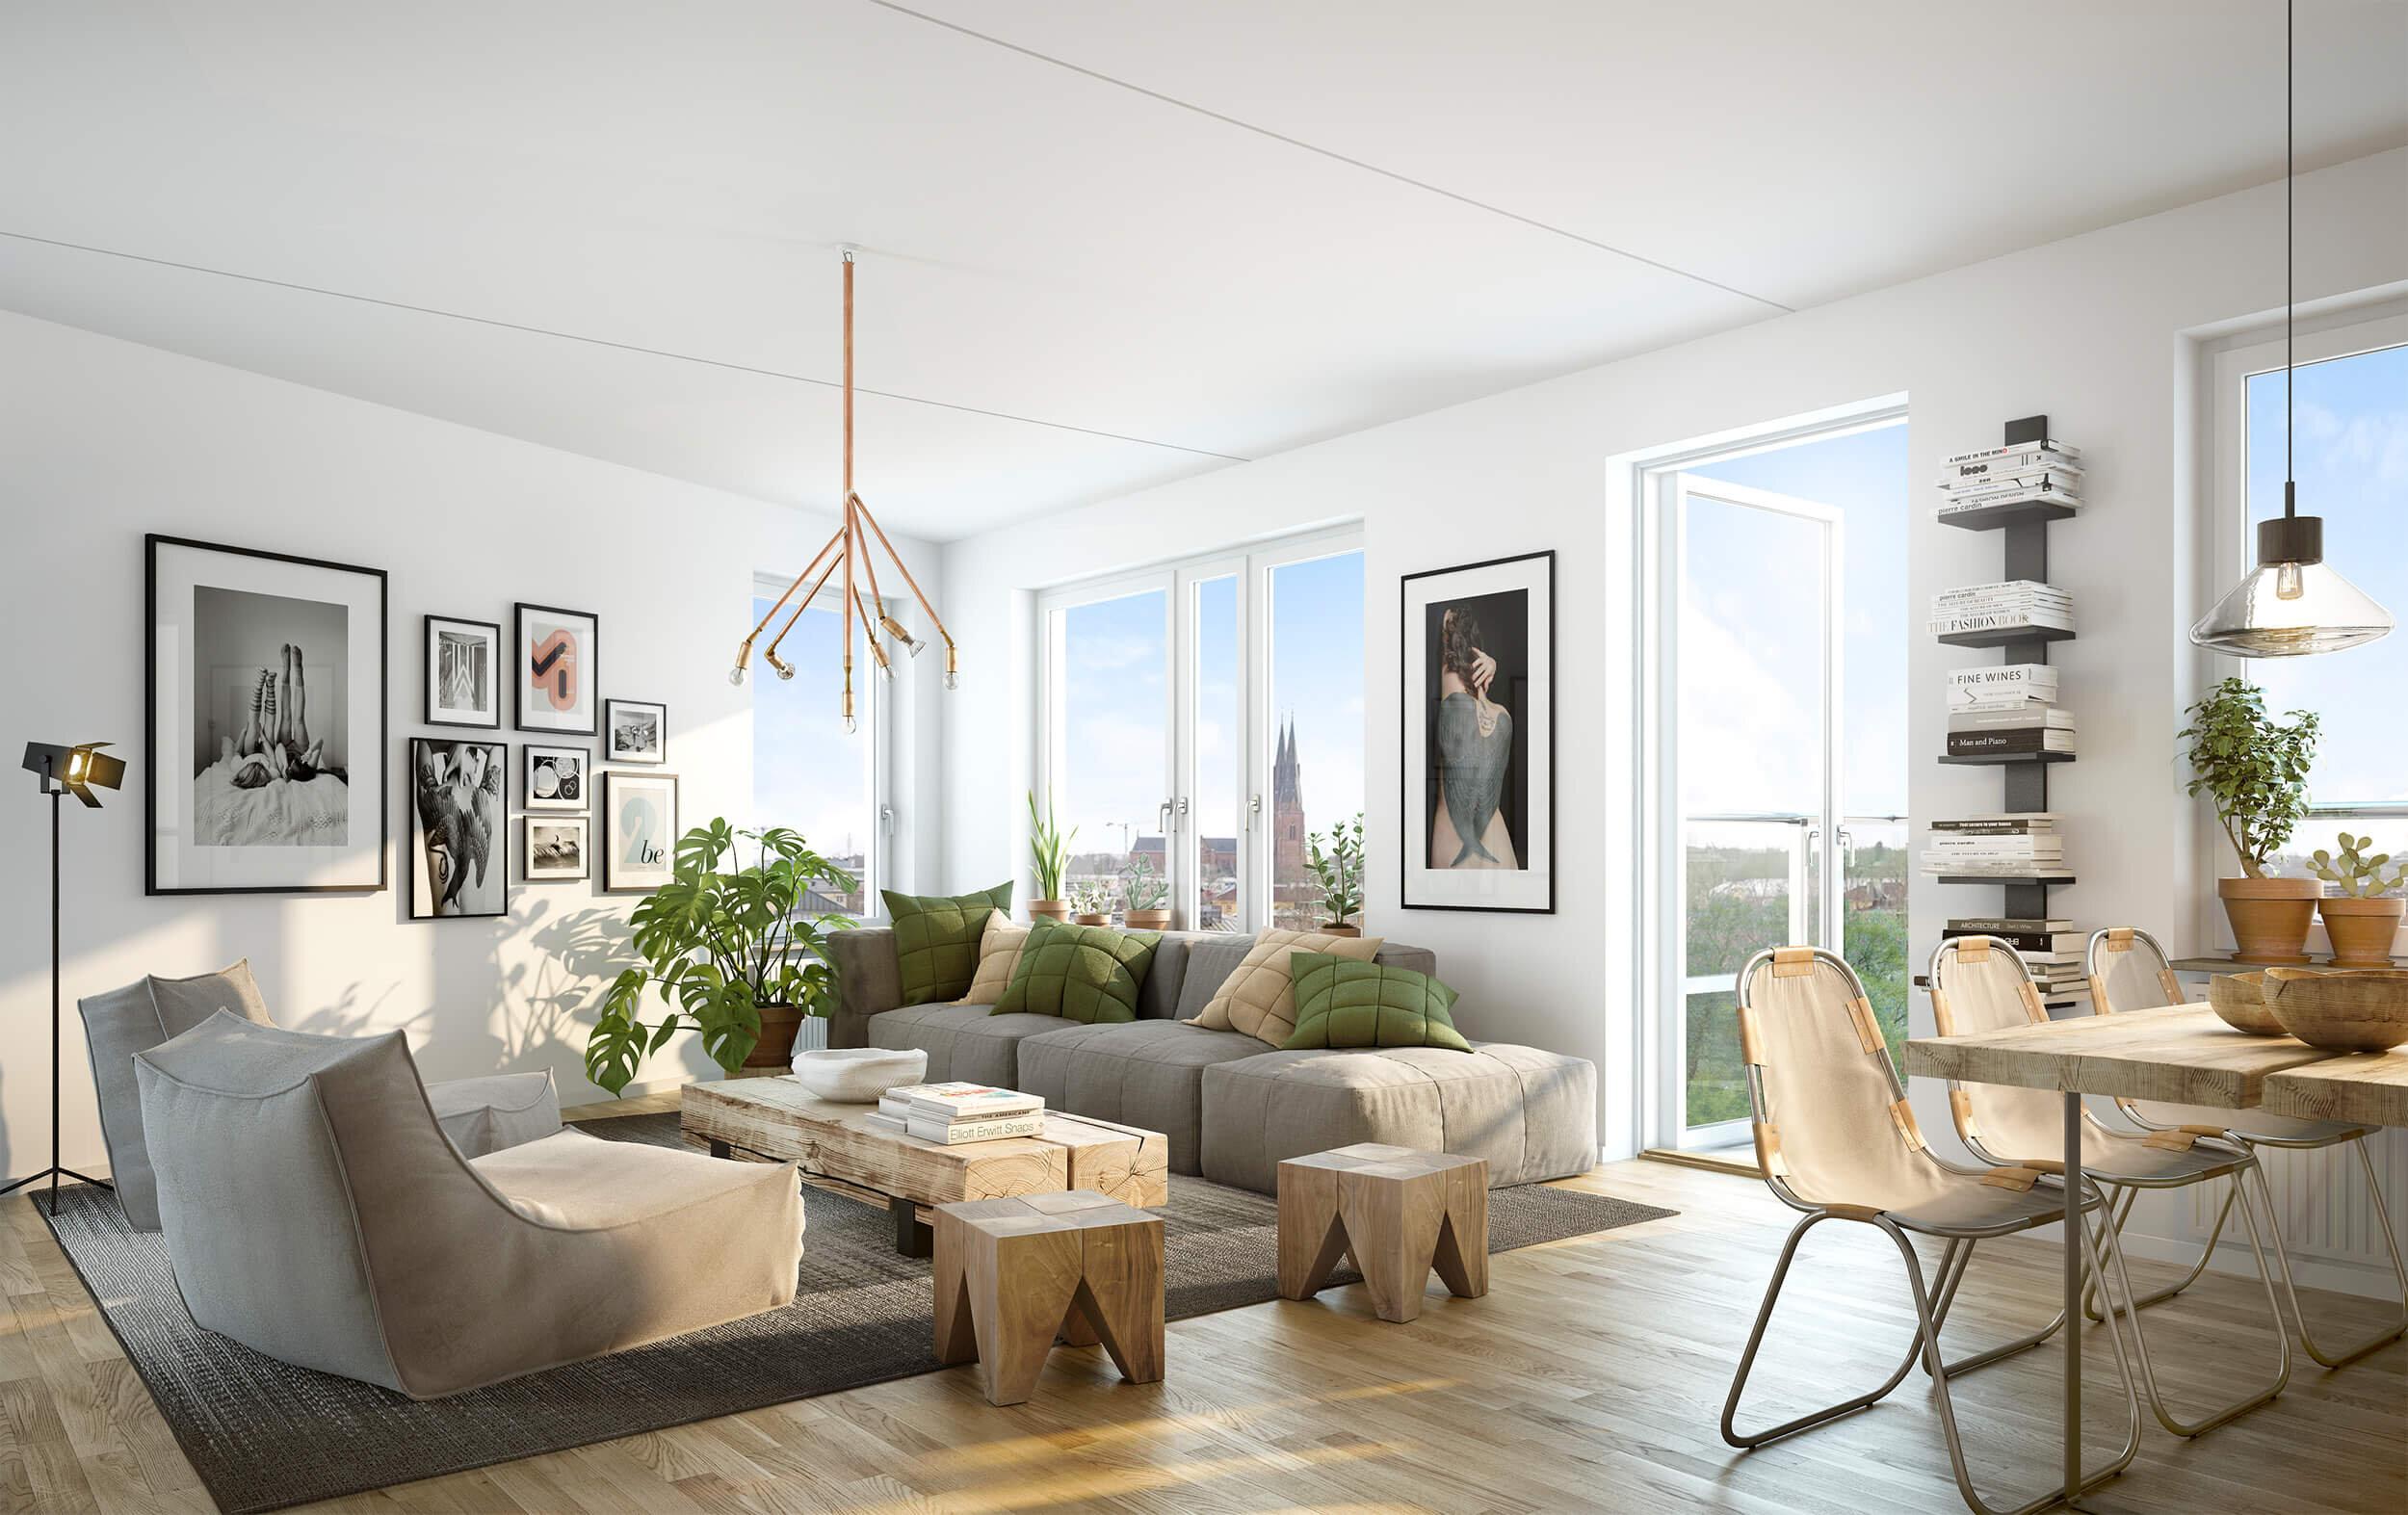 VEckade fasader ger dynamiska rum - Den veckade fasaden skapar intressanta inslag i lägenheterna. Köket och vardagsrummen får en särskild rumslighet och dynamik. Vid varje veckning blir kontakten med grannen närmare, medan övriga knappt märks av. För att öka känslan av rymd och friare rörelse har även många av de mindre lägenheterna rundgång.